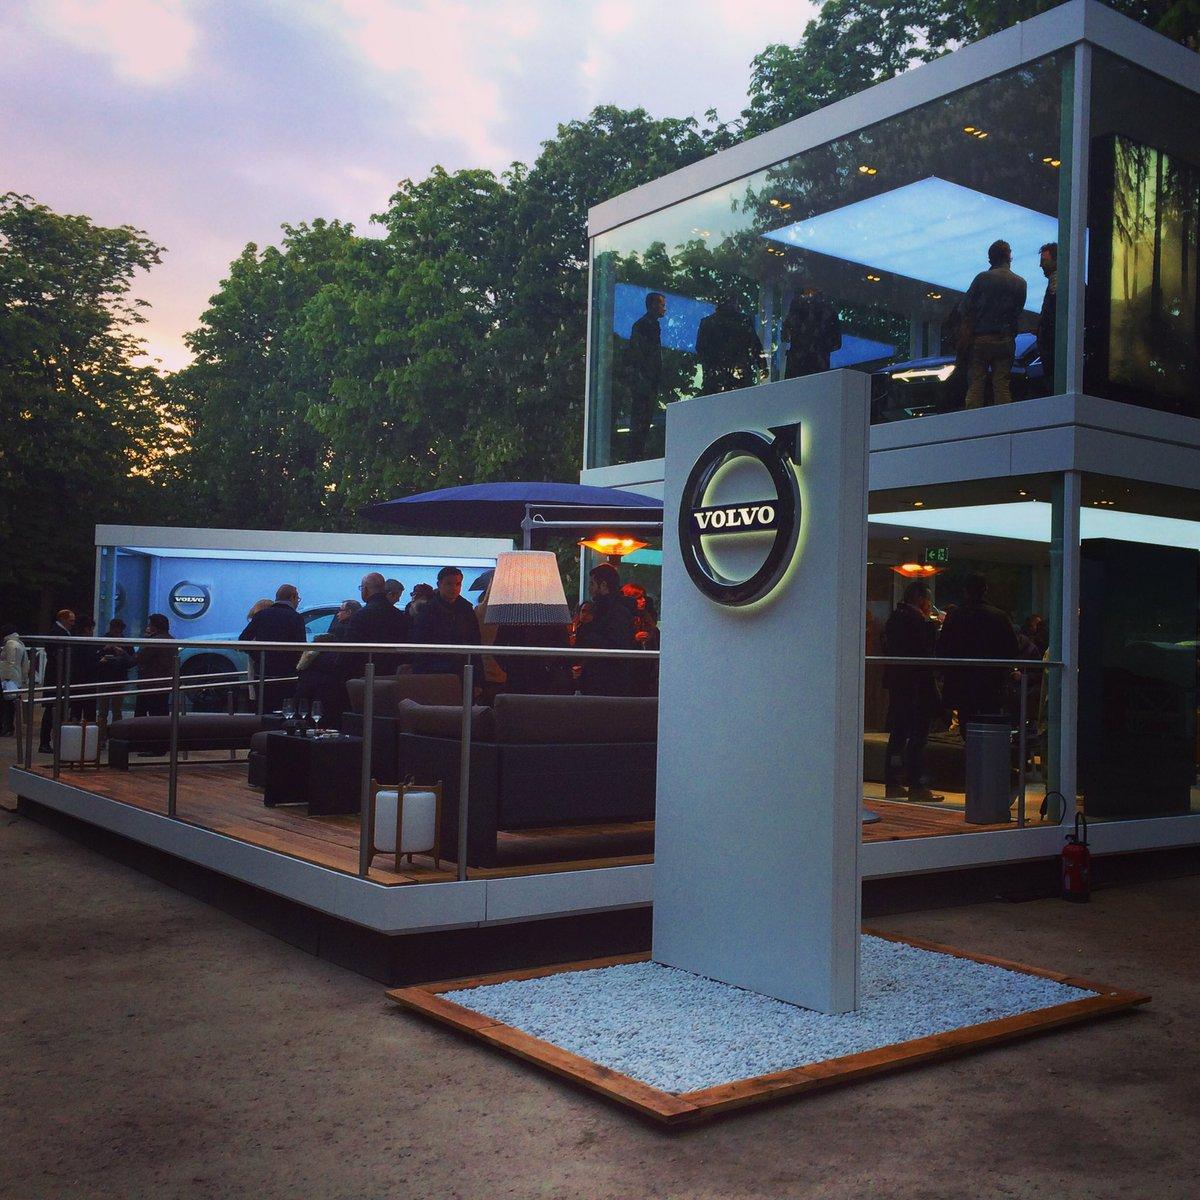 Dernier we pour découvrir le #NouveauXC60 au showroom éphémère #Volvo installé aux #Tuileries #avant-première pic.twitter.com/VC3nY1ON7c